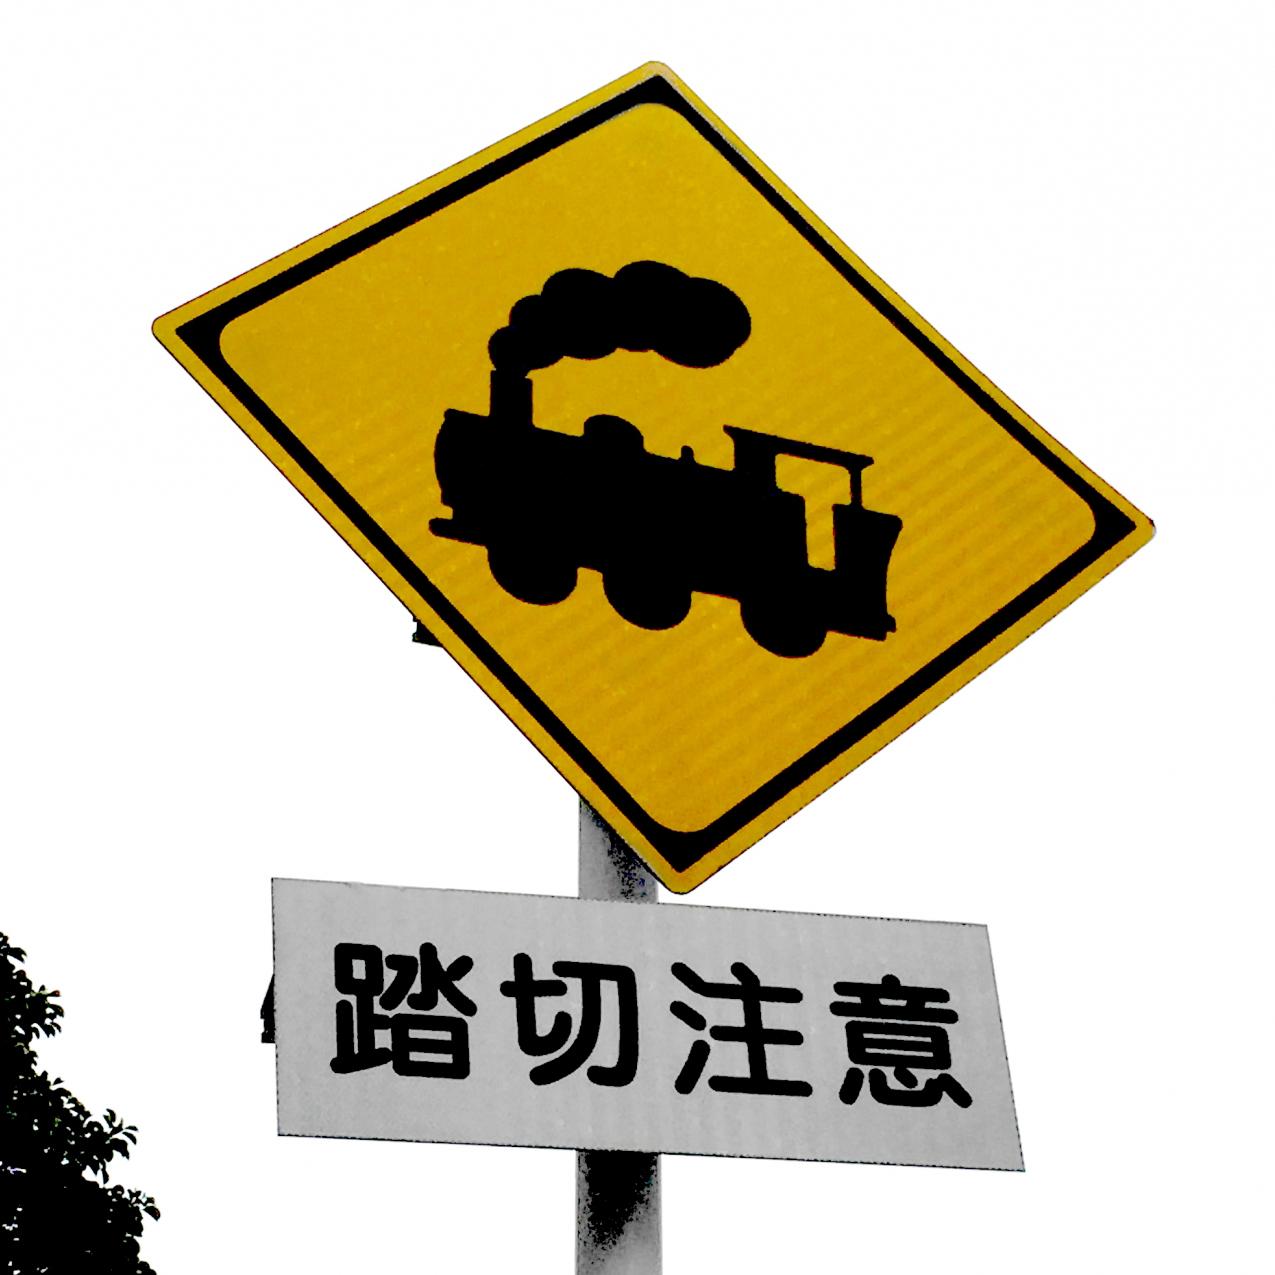 「踏切注意」の道路標識。煙をあげる機関車のイラストで表現されている。